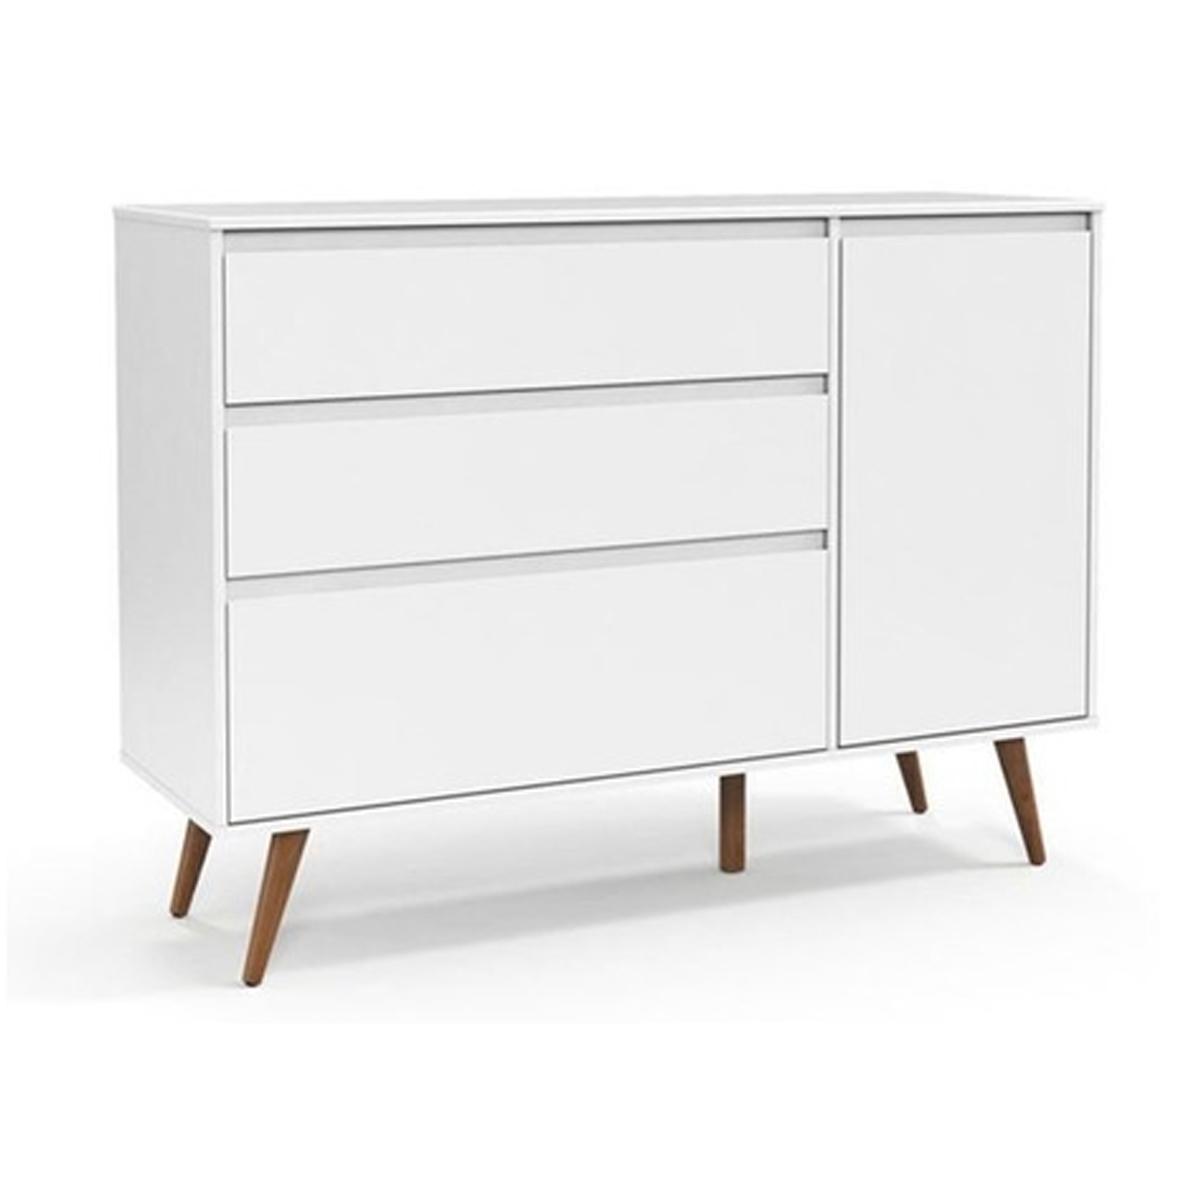 Berço e Cômoda Retrô Clean com Porta Matic Cor Soft Eco Wood